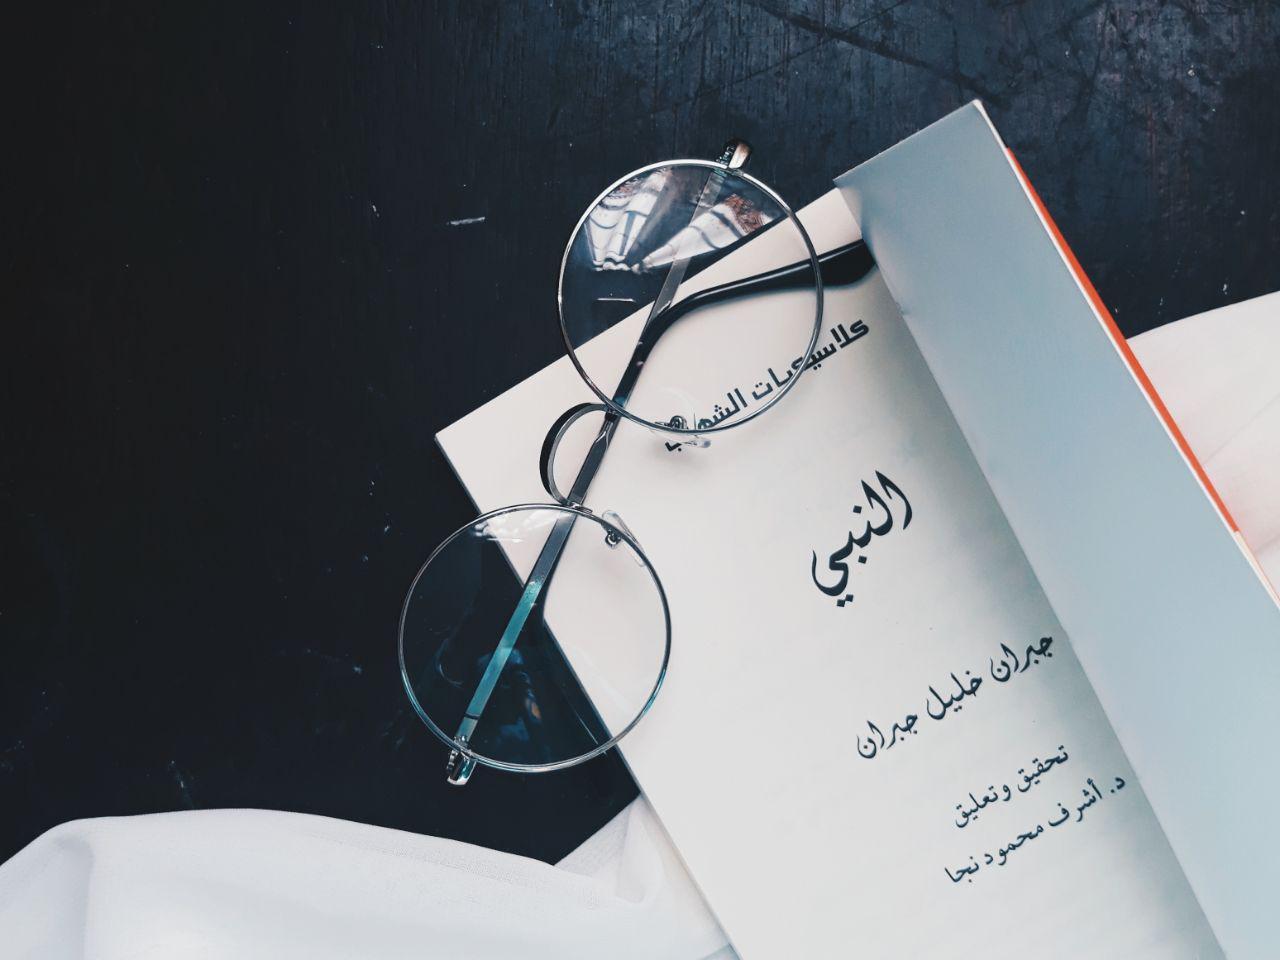 مراجعة كتاب النبي لـ جبران خليل جبران Misscpecial